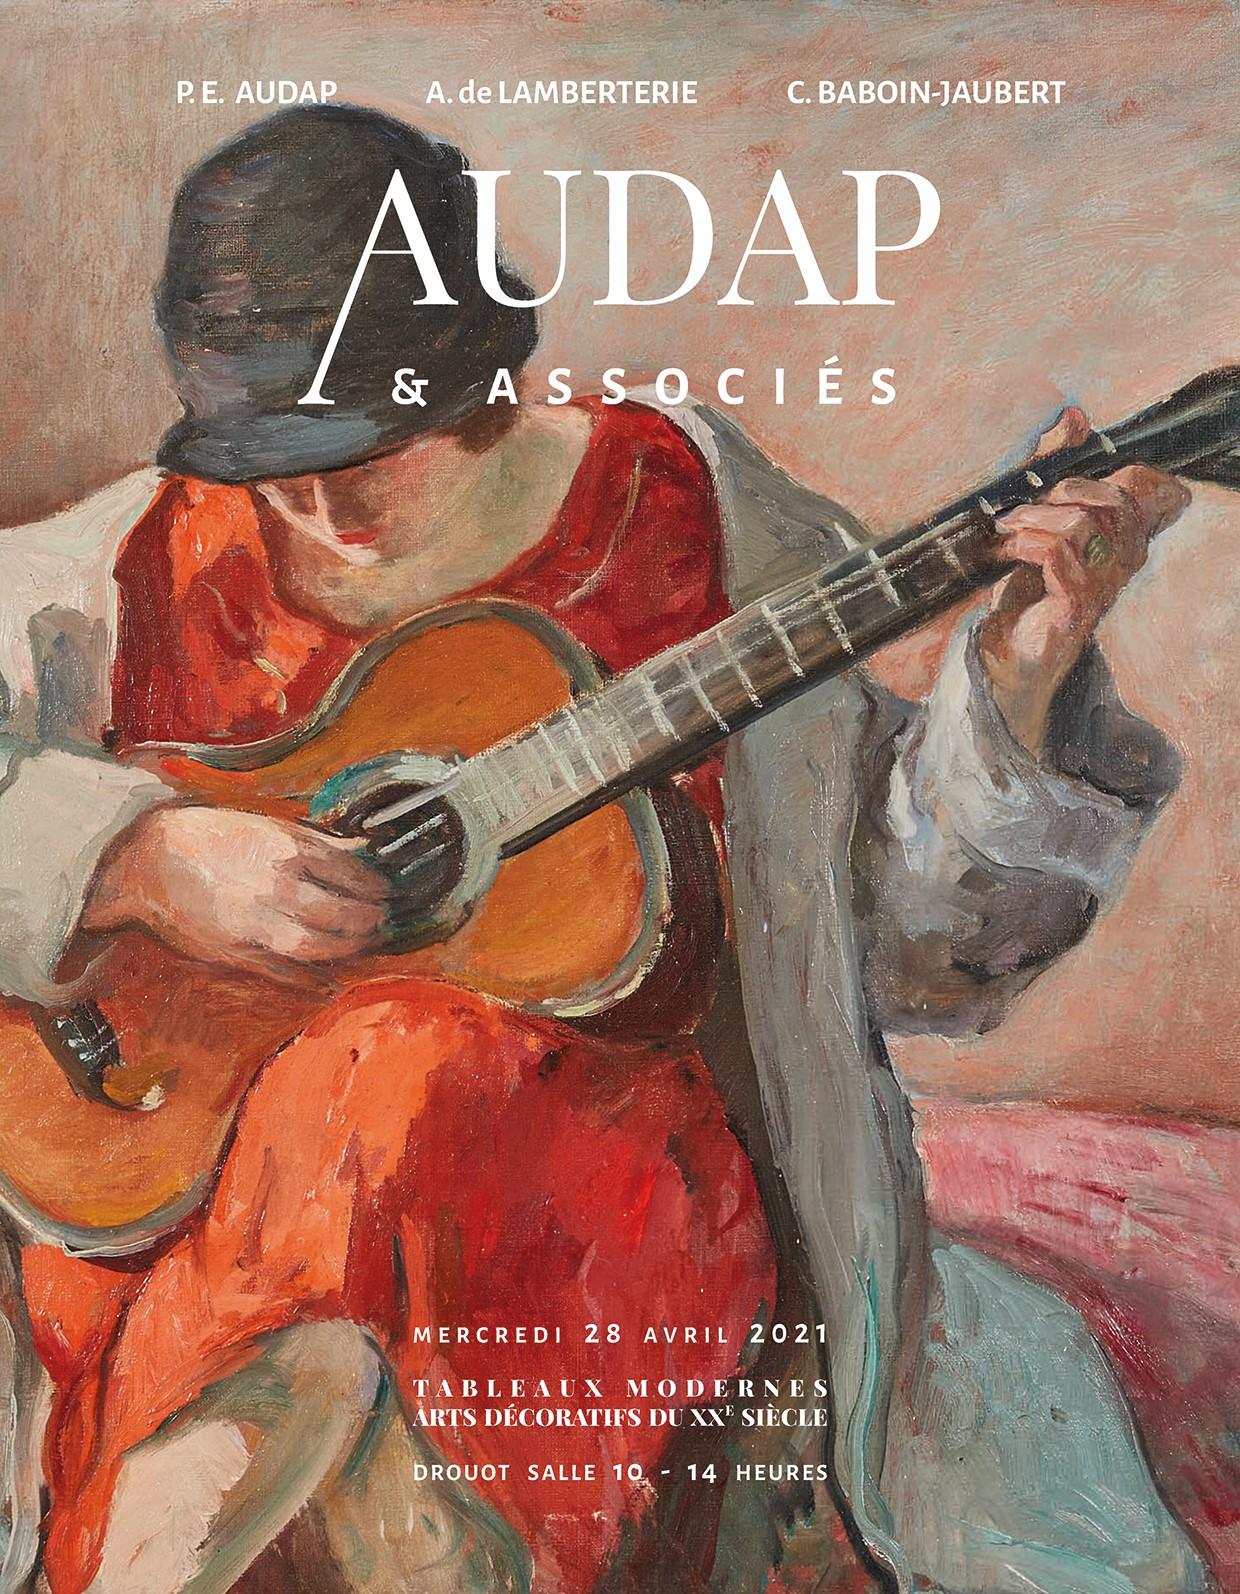 Vente Tableaux modernes - Arts décoratifs du XXe siècle chez Audap & Associés : 204 lots